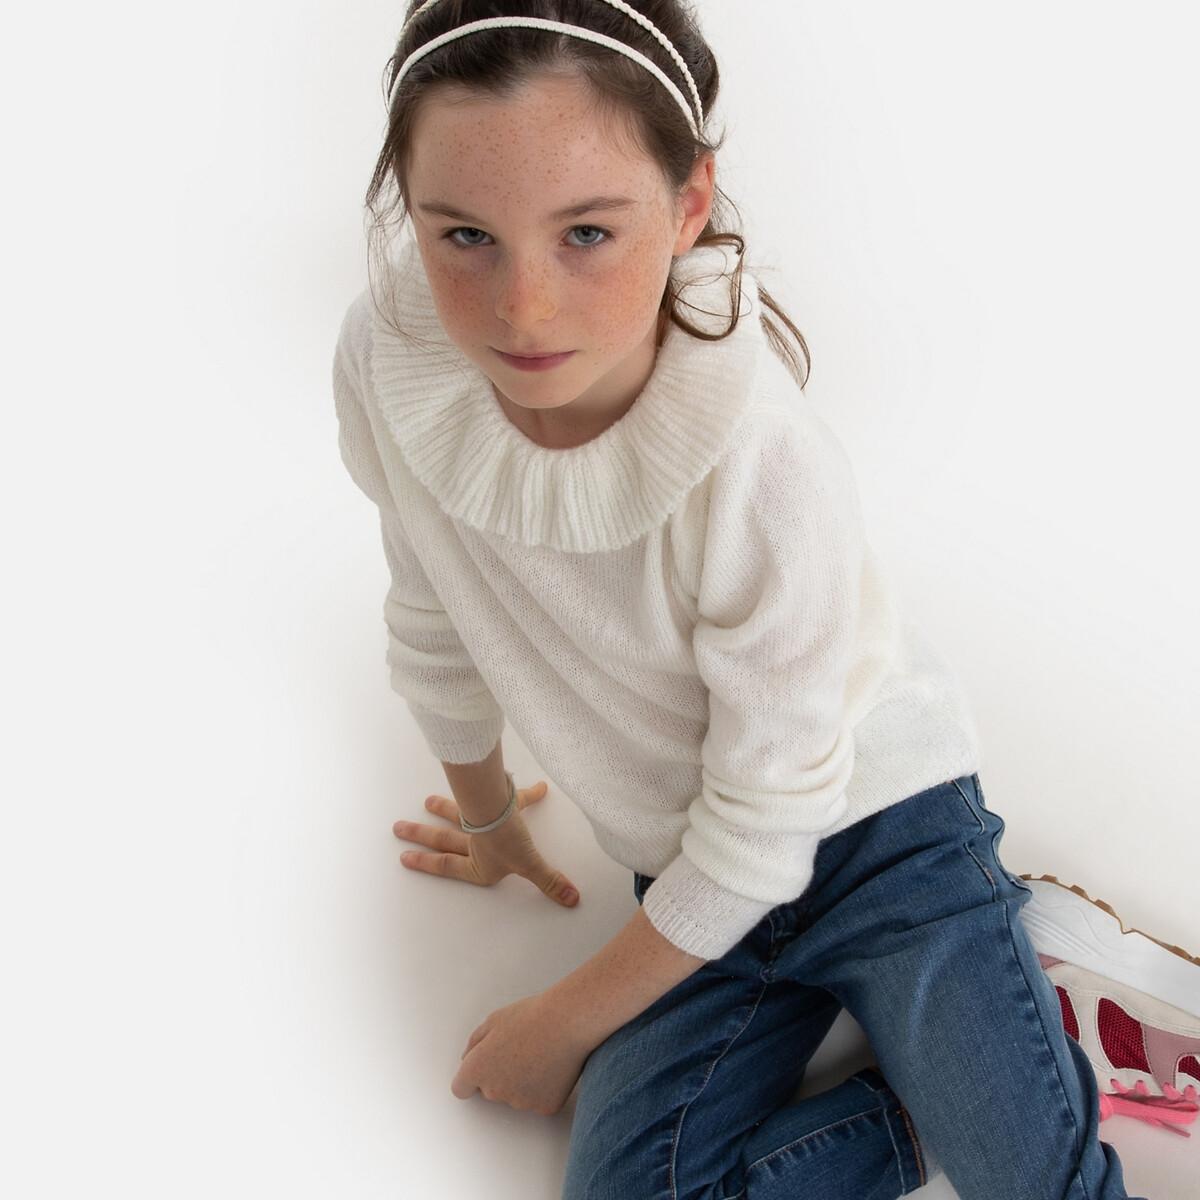 Пуловер La Redoute С круглым вырезом с воланами из тонкого трикотажа 3-12 лет 6 - 114 см бежевый